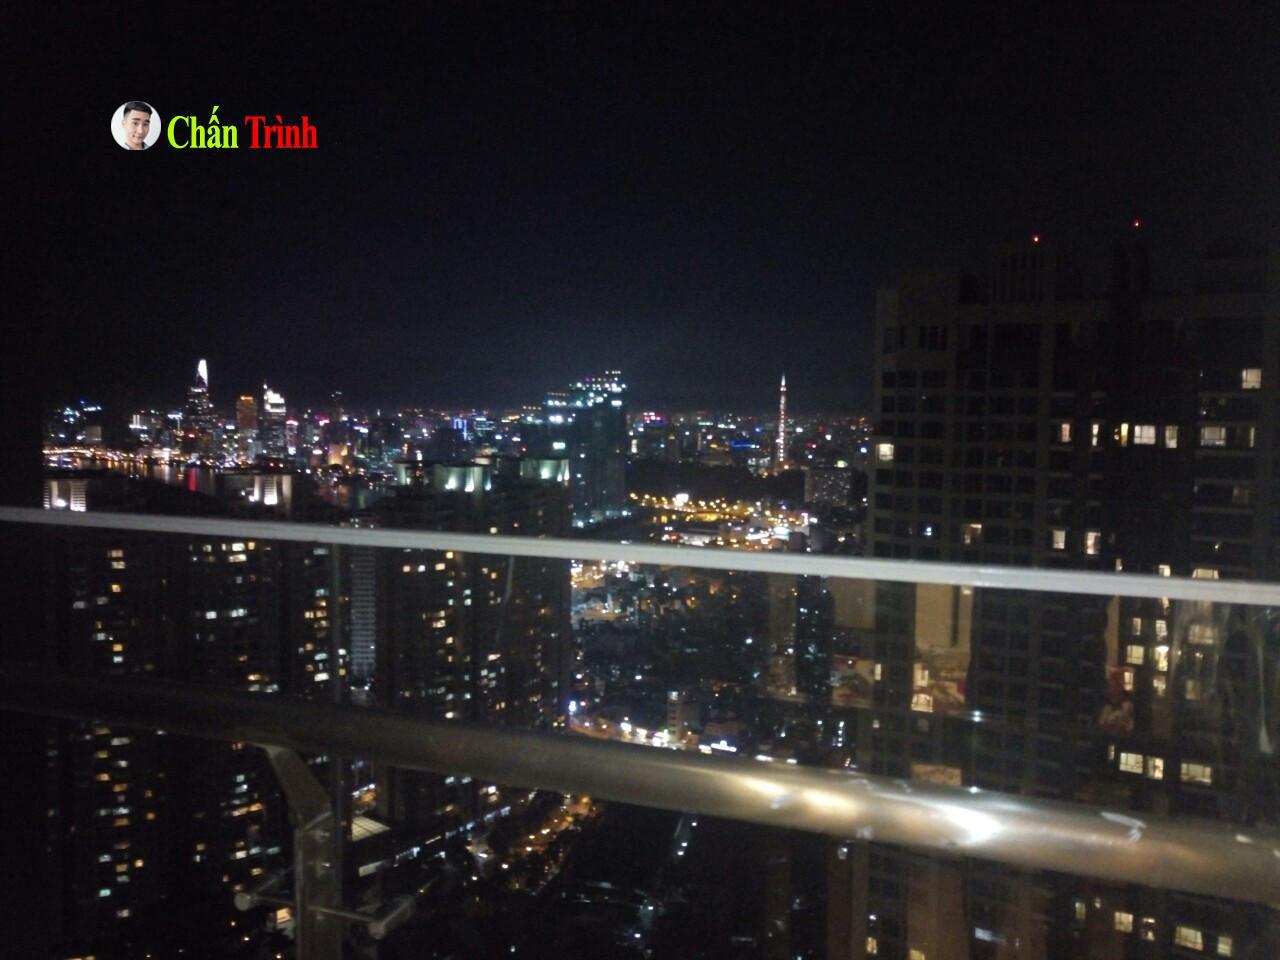 View nhìn từ ban công căn hộ về trung tâm quận 1